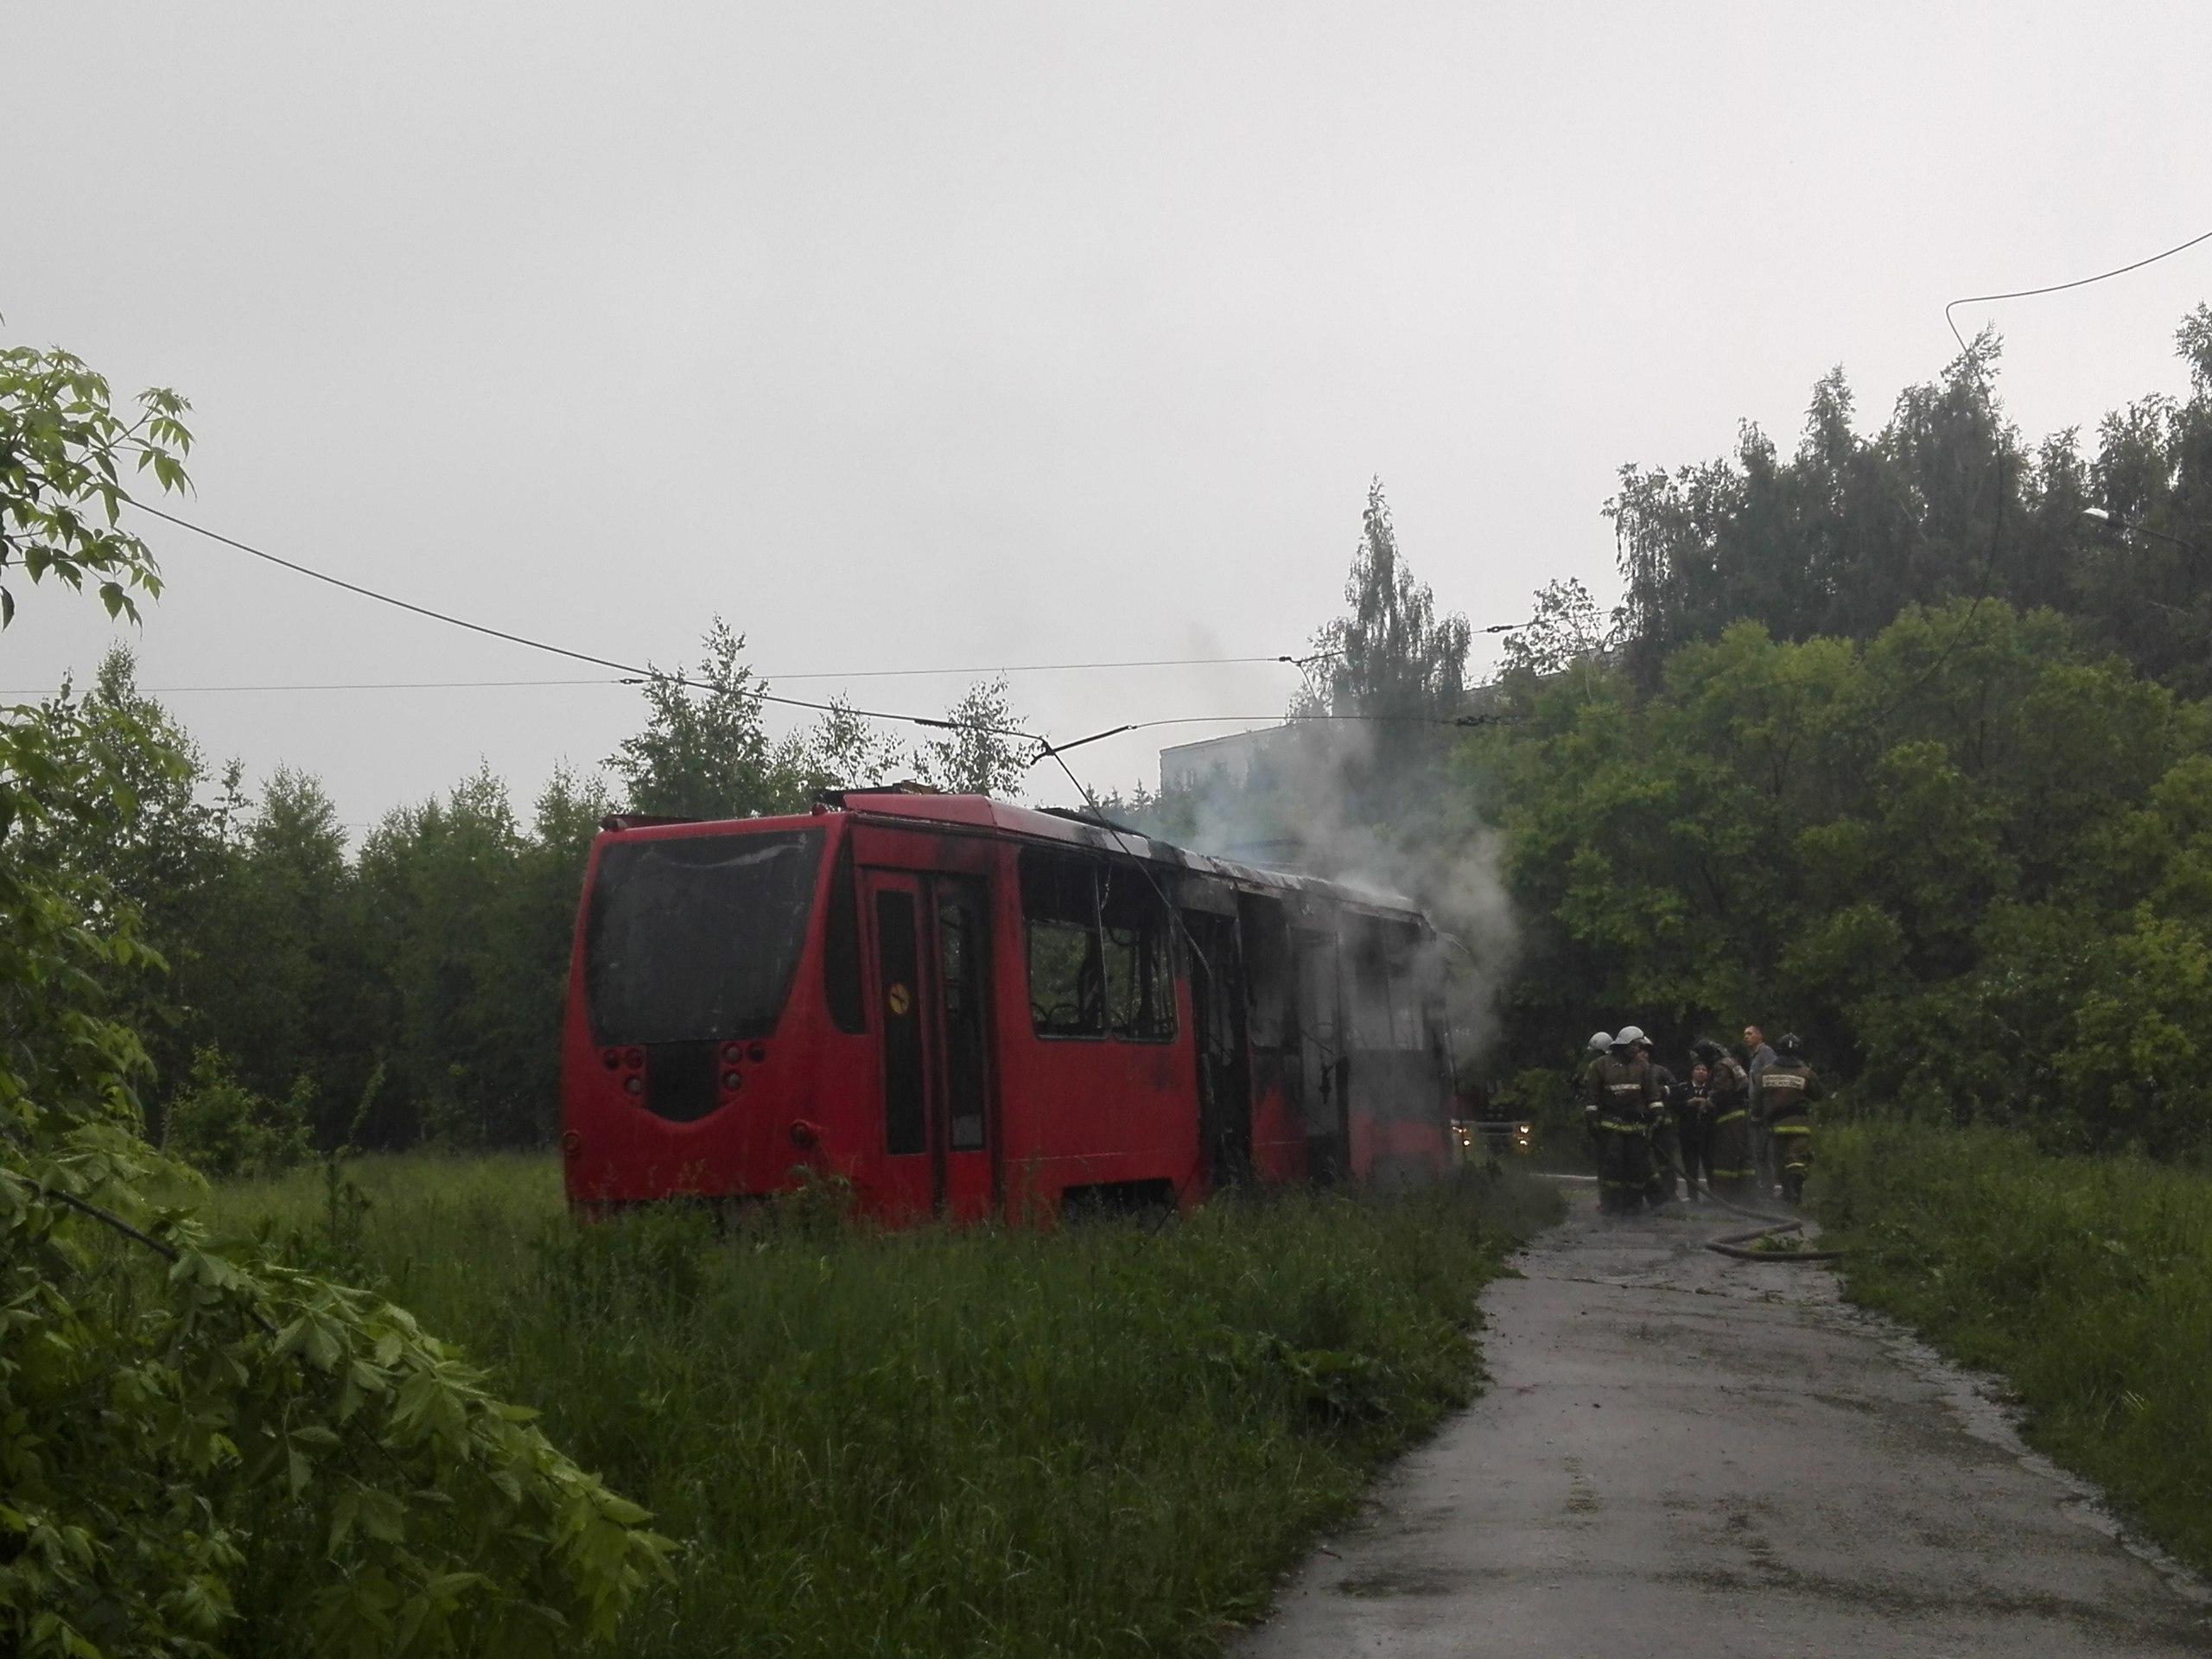 ВКазани вовремя грозы зажегся трамвай